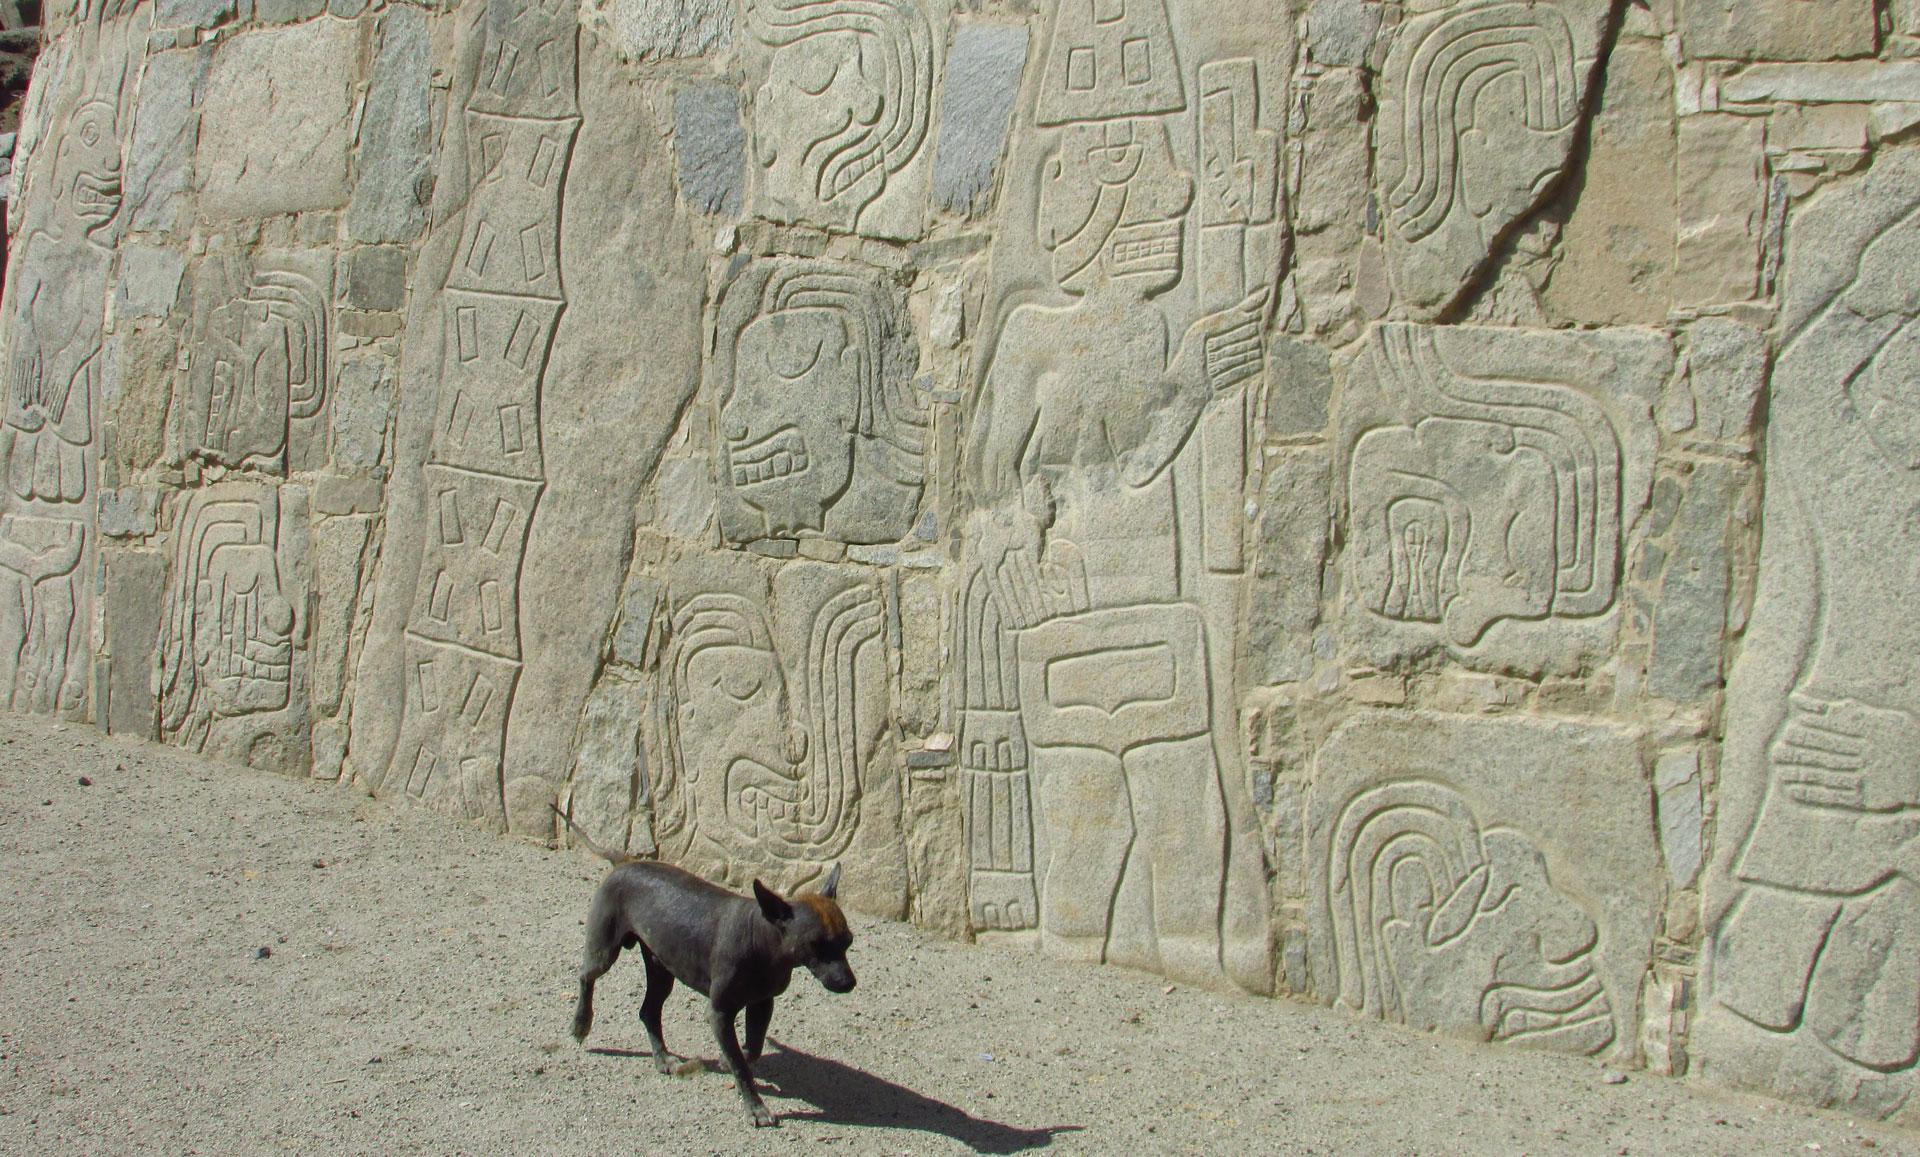 Nordperu, Sechin archäologische Stätte